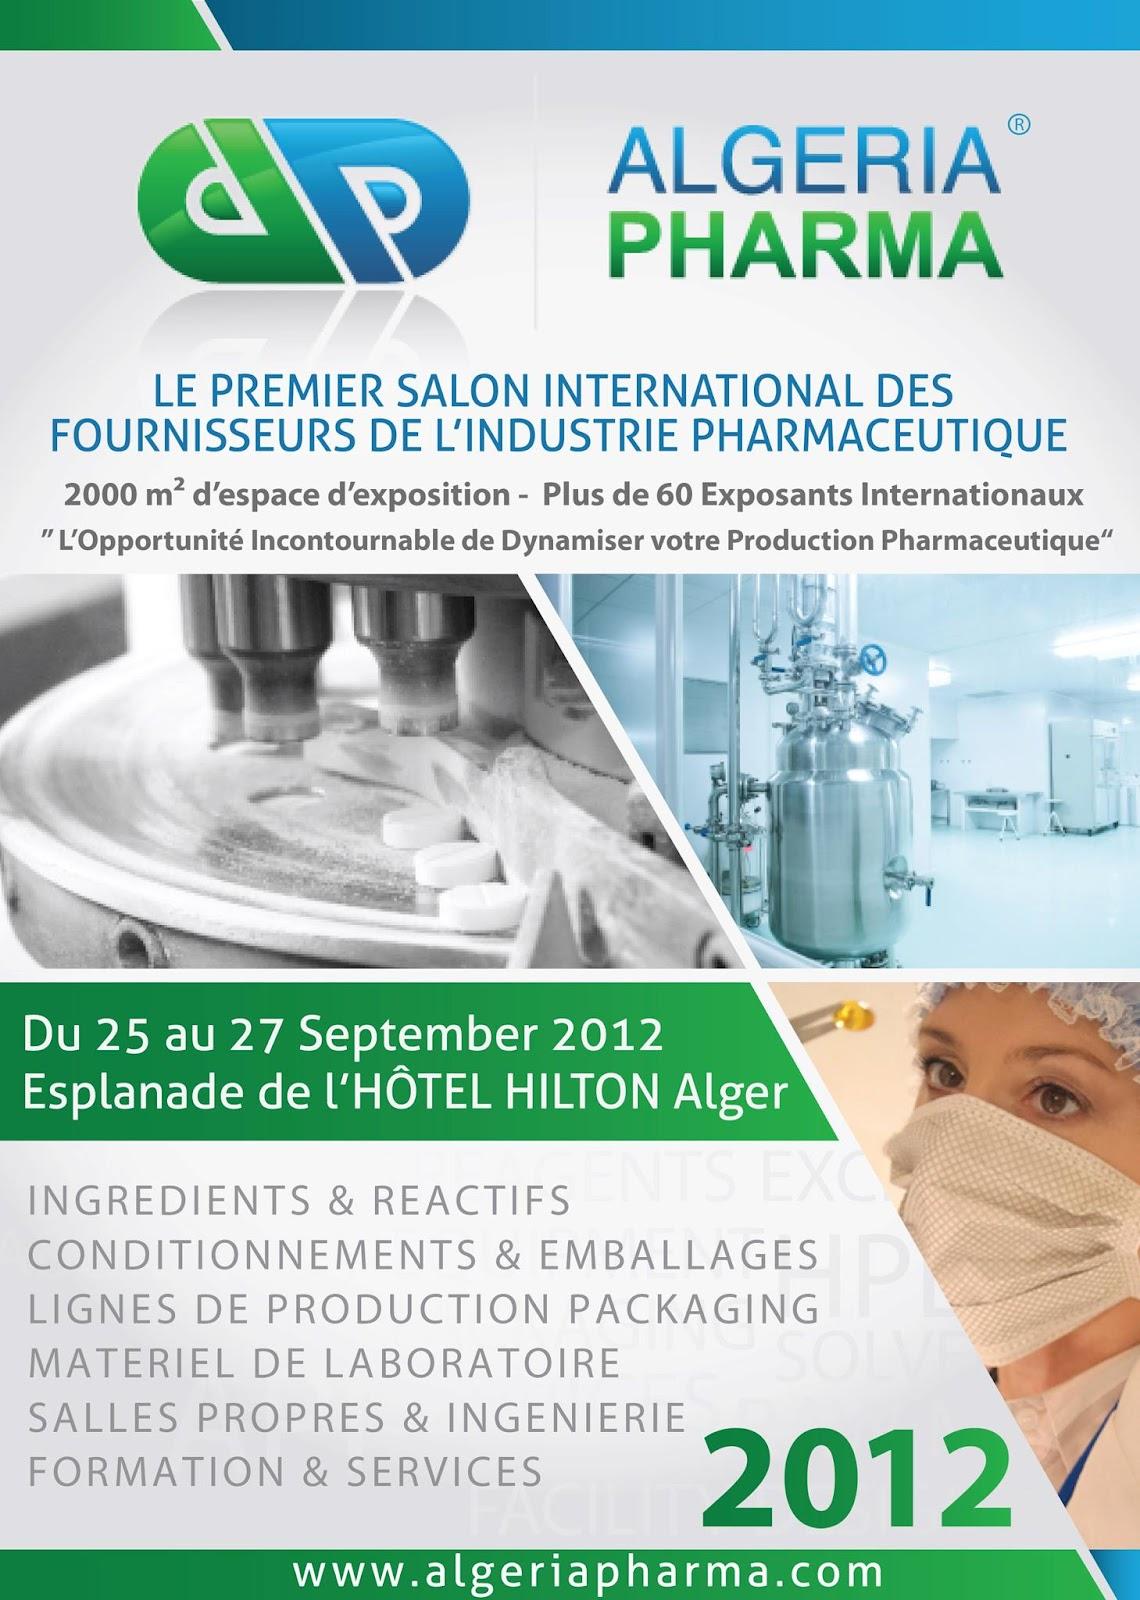 Du 25 au 27 septembre 2012 esplanade de l 39 hotel hilton alger for Salon pharmaceutique